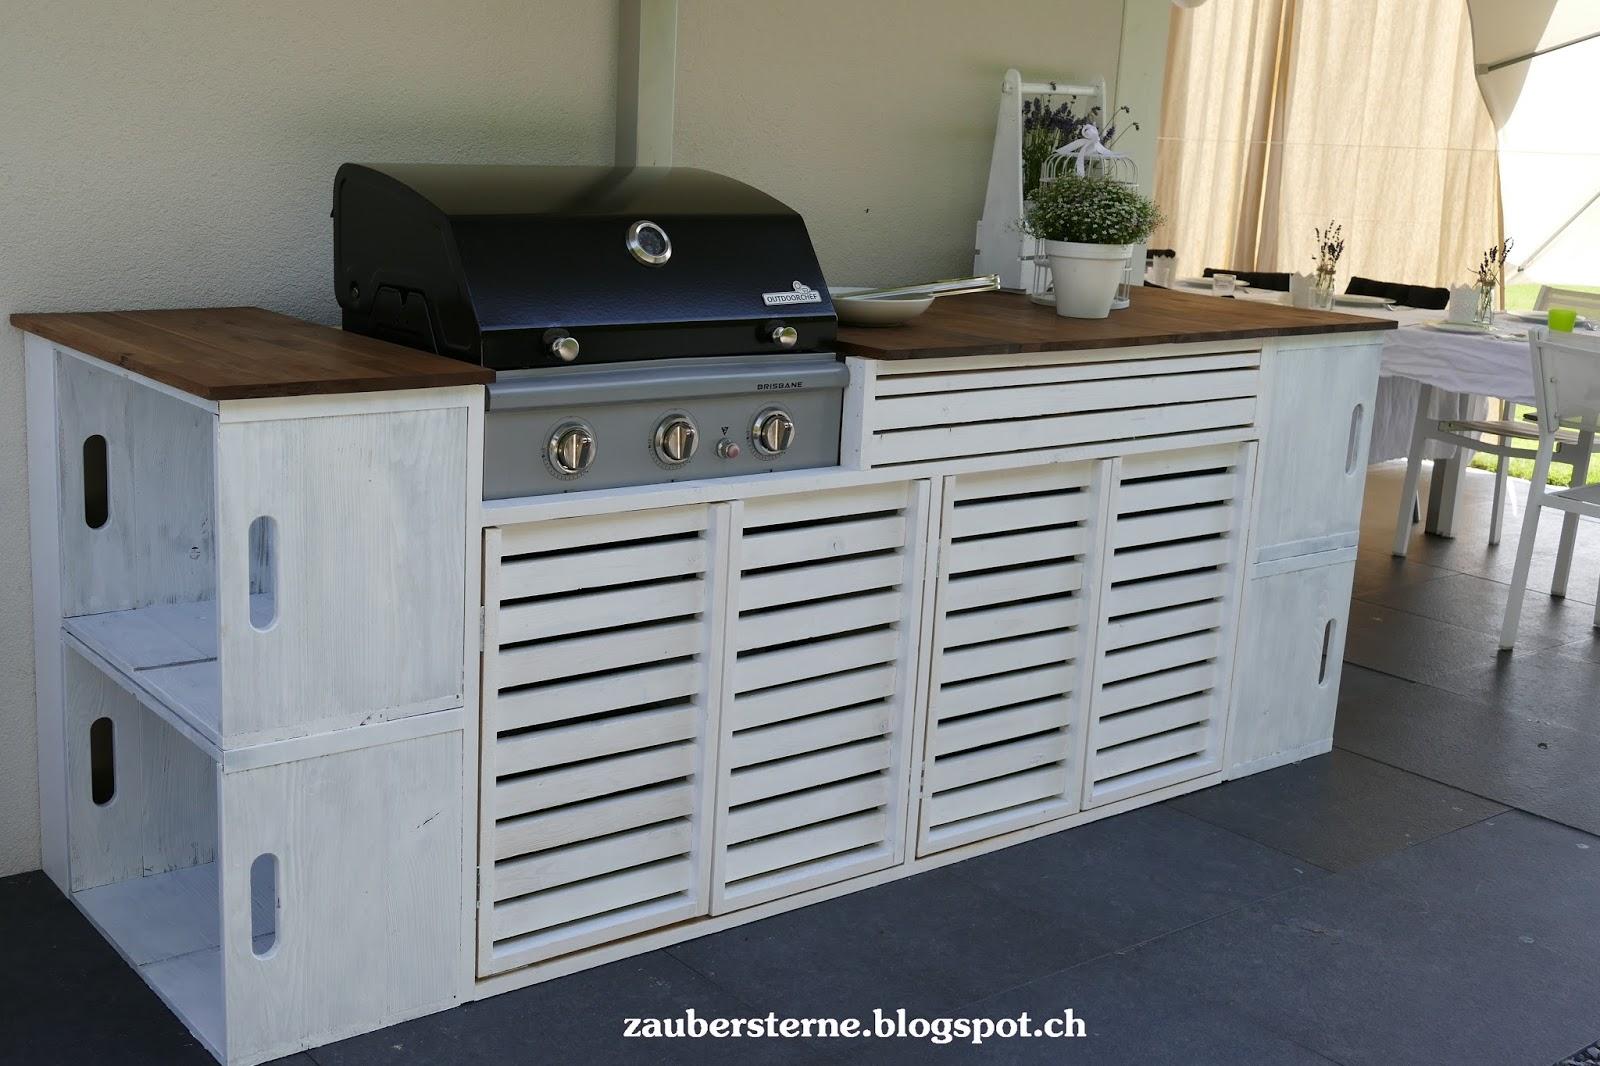 Outdoorküche Mit Gasgrill Xl : Outdoor küche mit gasgrill selber bauen grill eigenbau gallery of